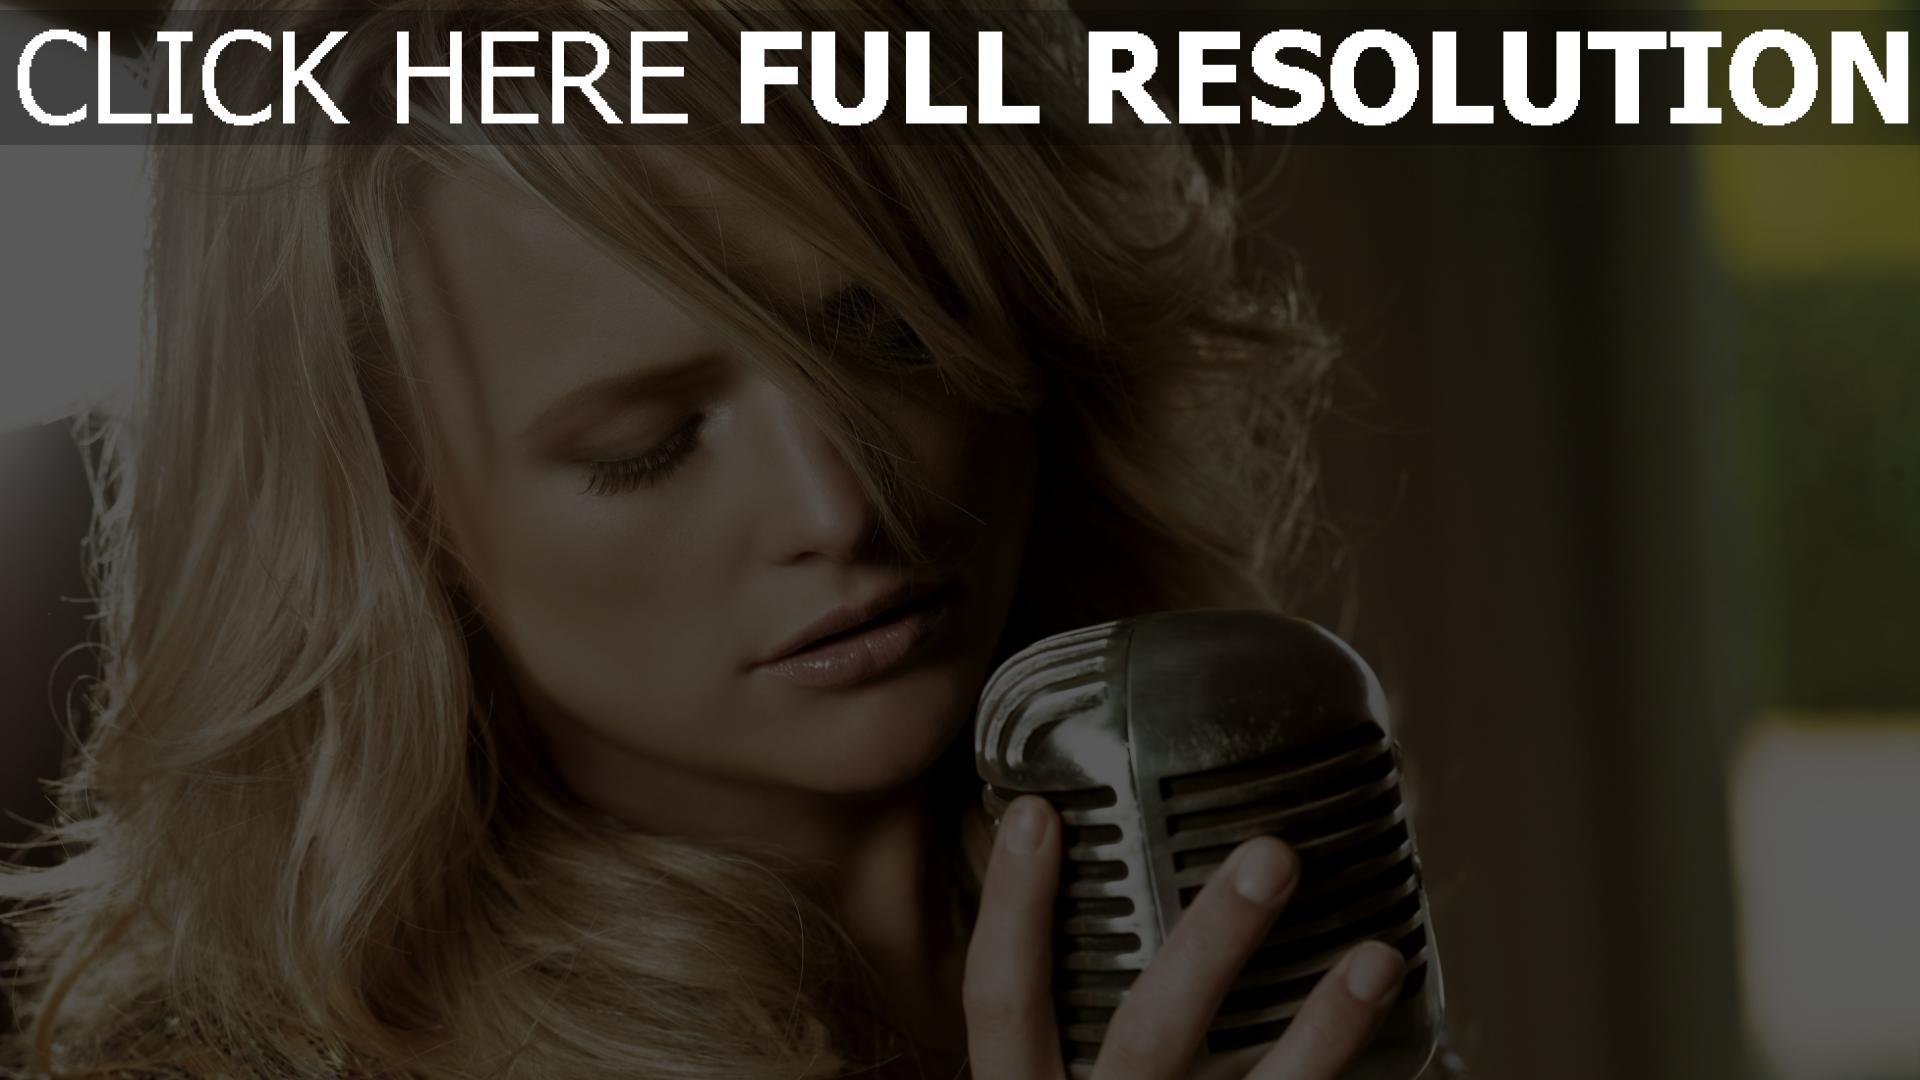 hd hintergrundbilder sängerin miranda lambert mikrofon mädchen blond 1920x1080